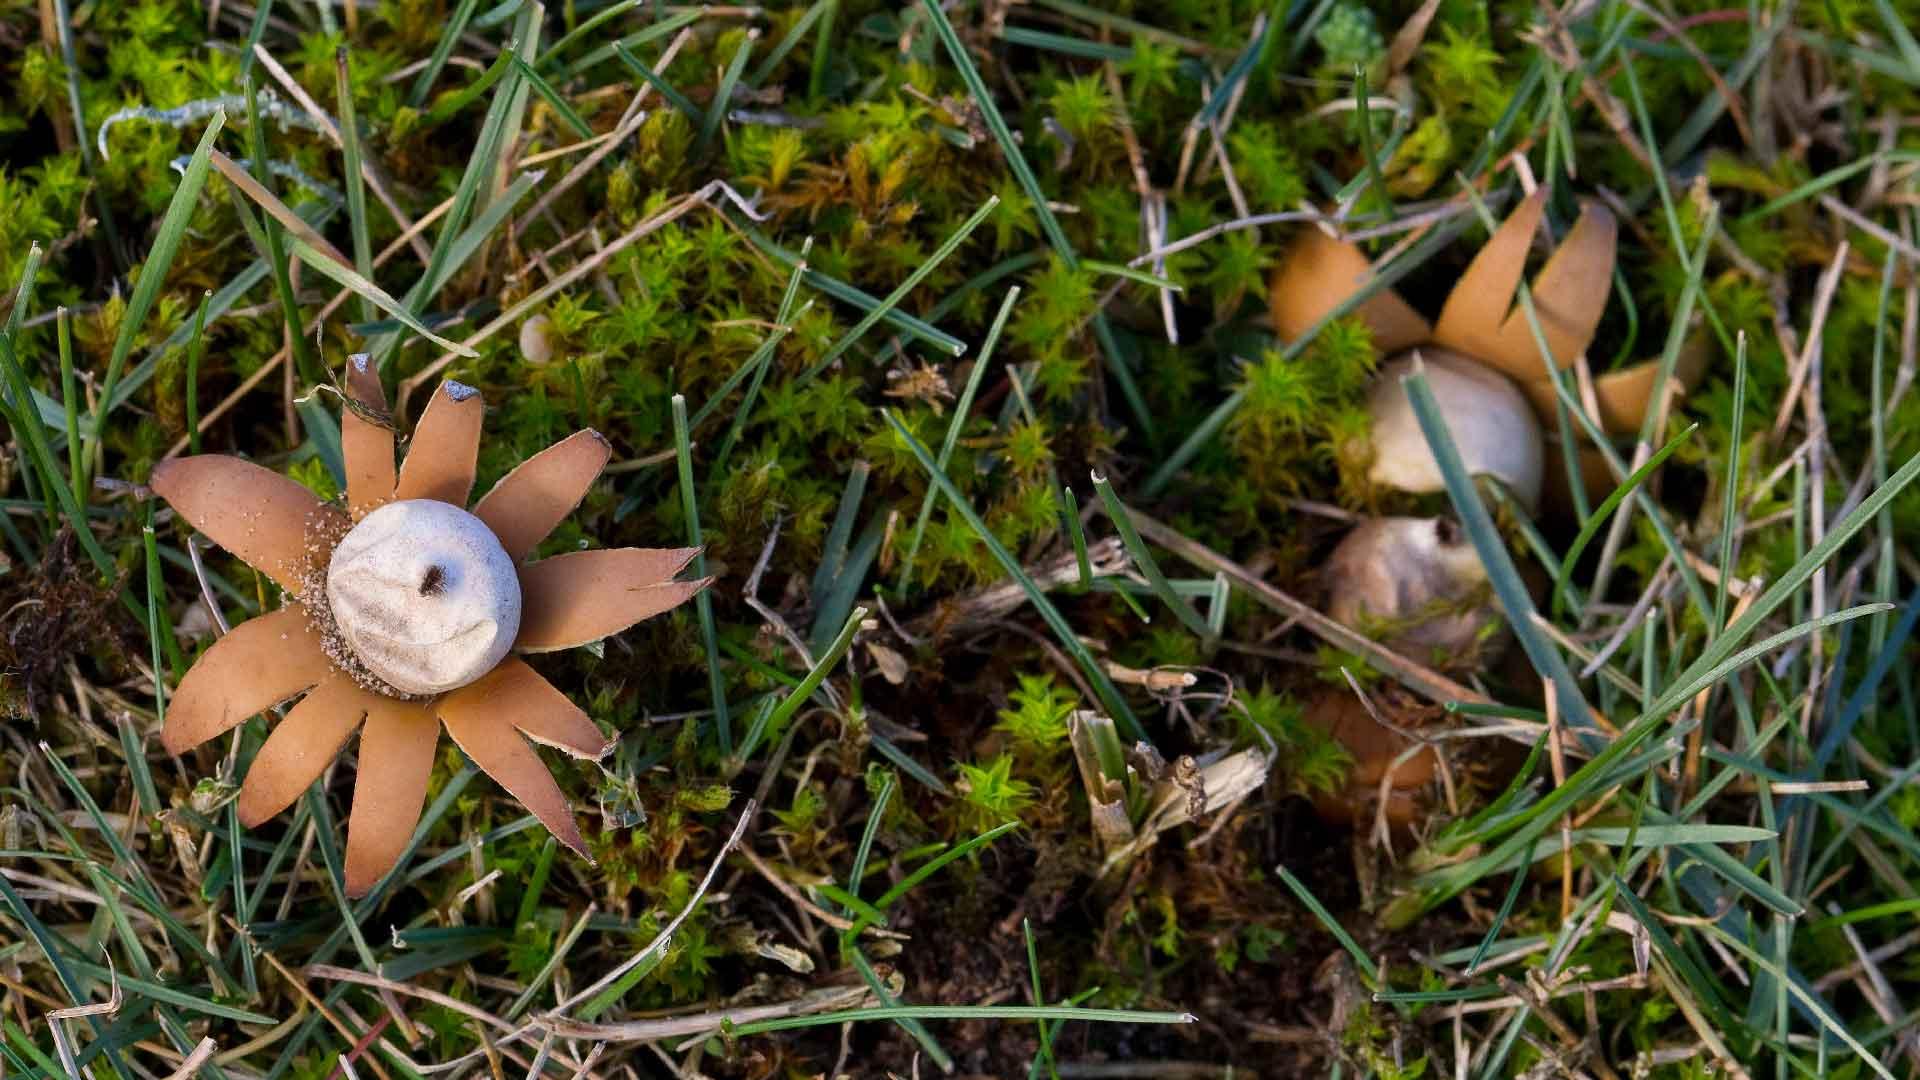 Jordstjärnor är en av sandmarkernas svampar. Foto: Patrik Olofsson/N